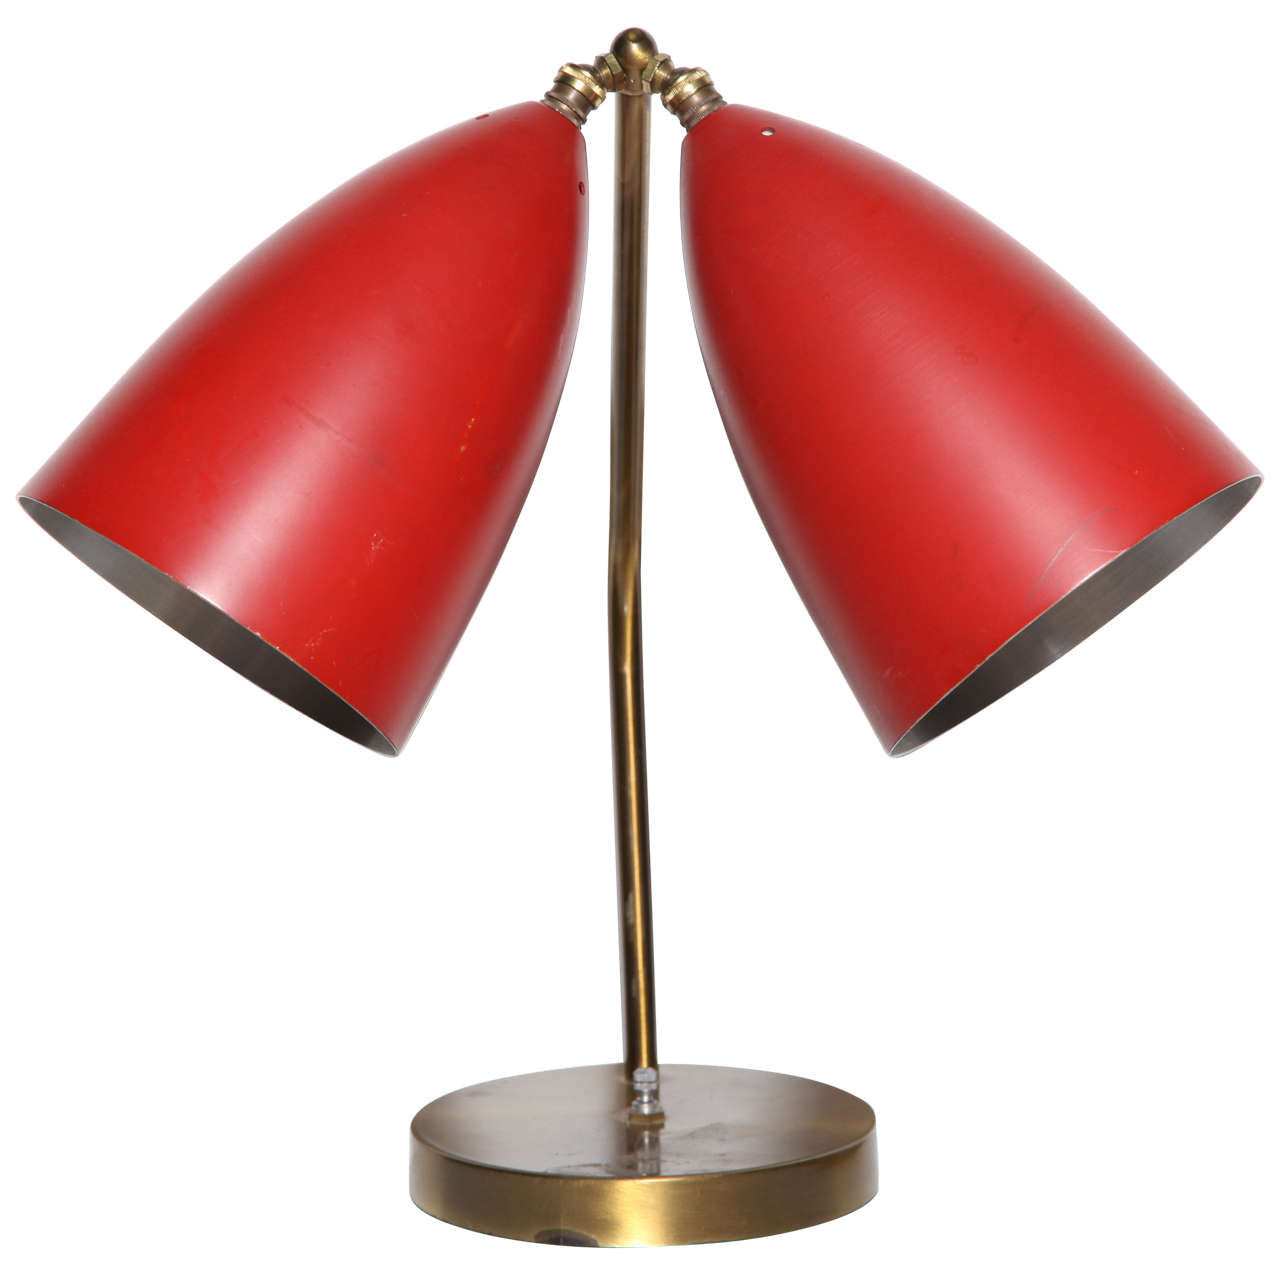 Rare 1940s greta grossman magnusson double cone table lamp at 1stdibs rare 1940s greta grossman magnusson double cone table lamp 1 geotapseo Gallery